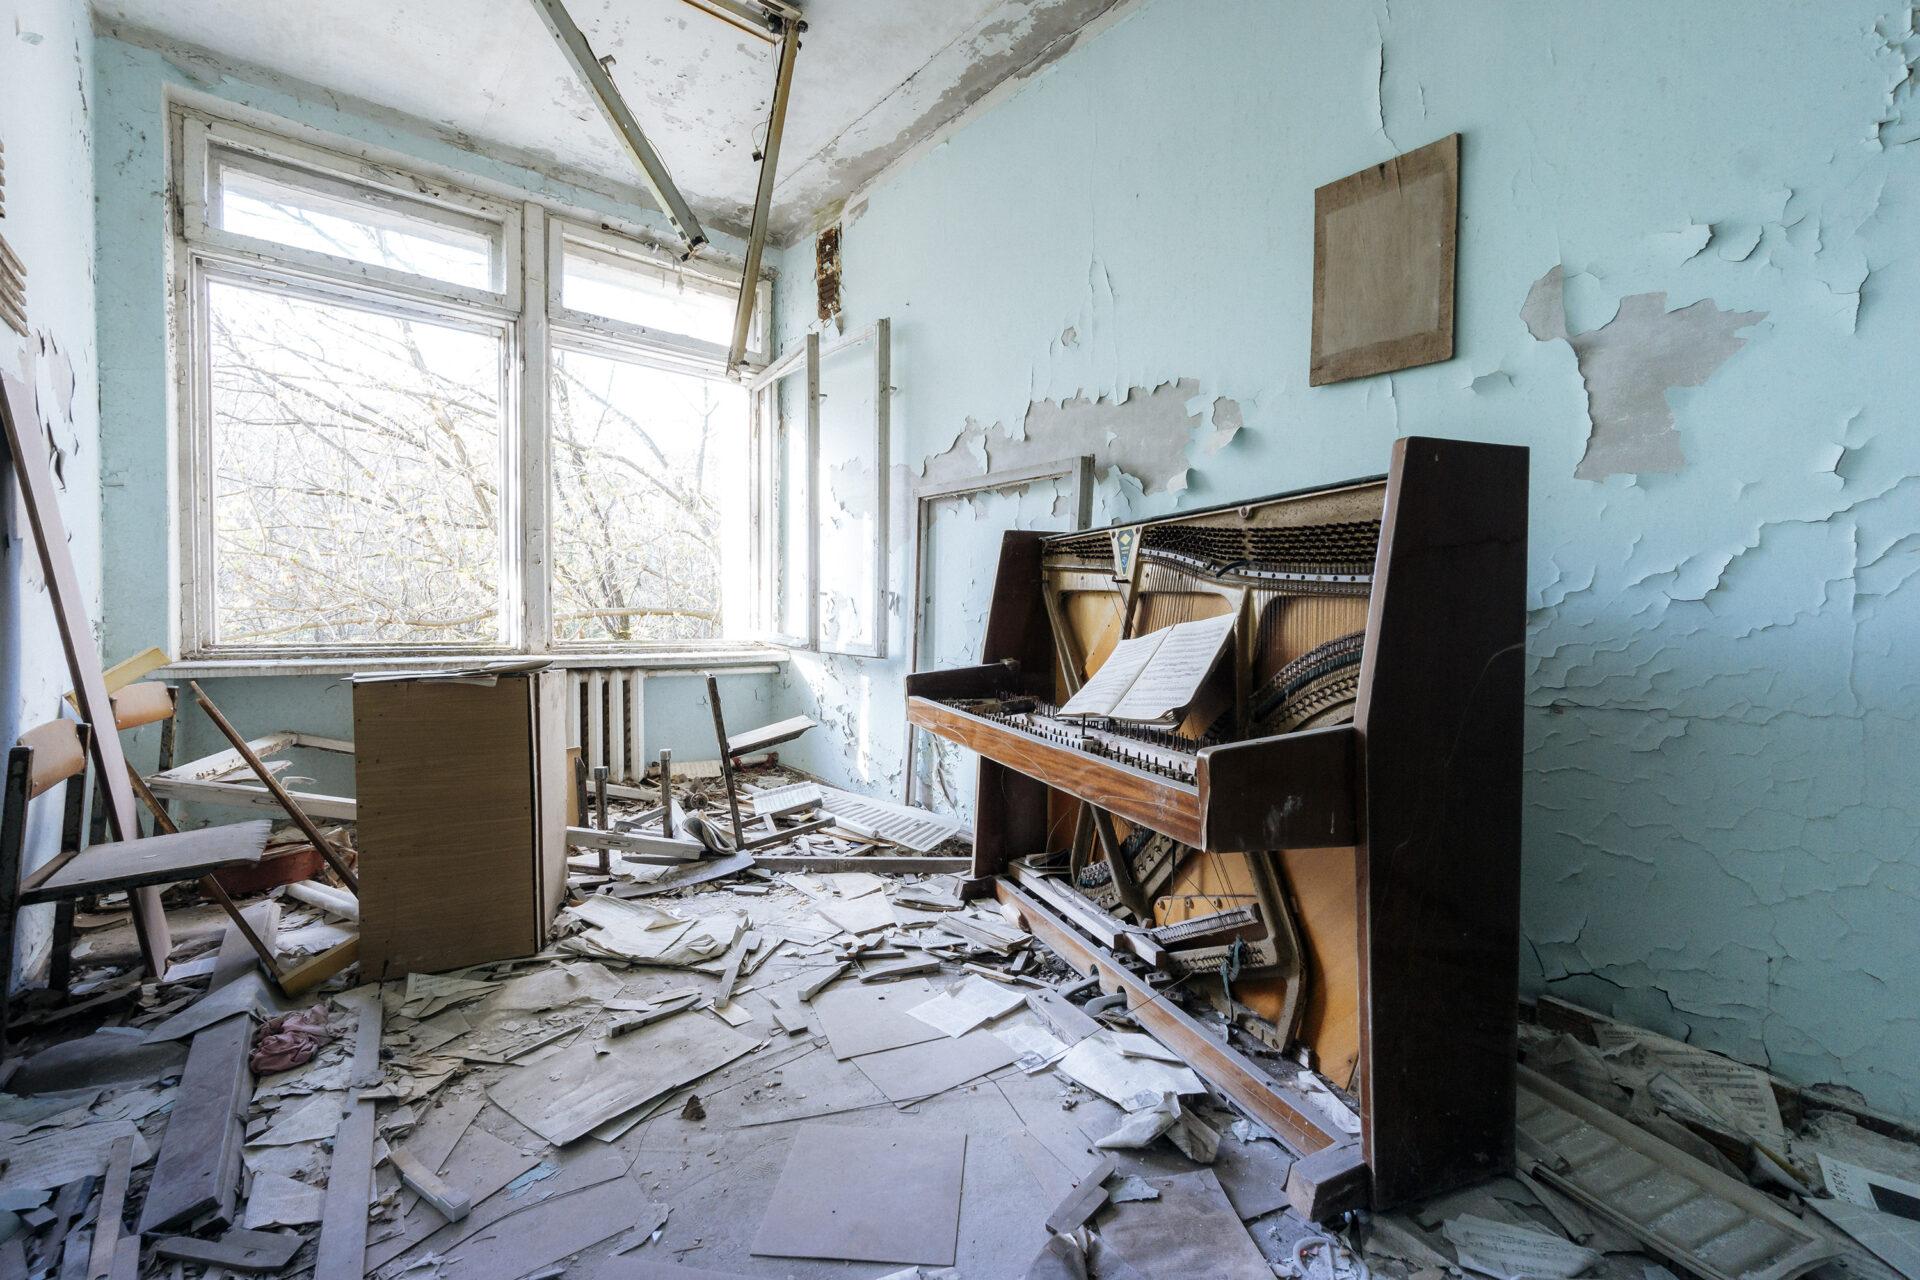 Requiem pour pianos 45 | Serie Requiem pour pianos | Romain Thiery